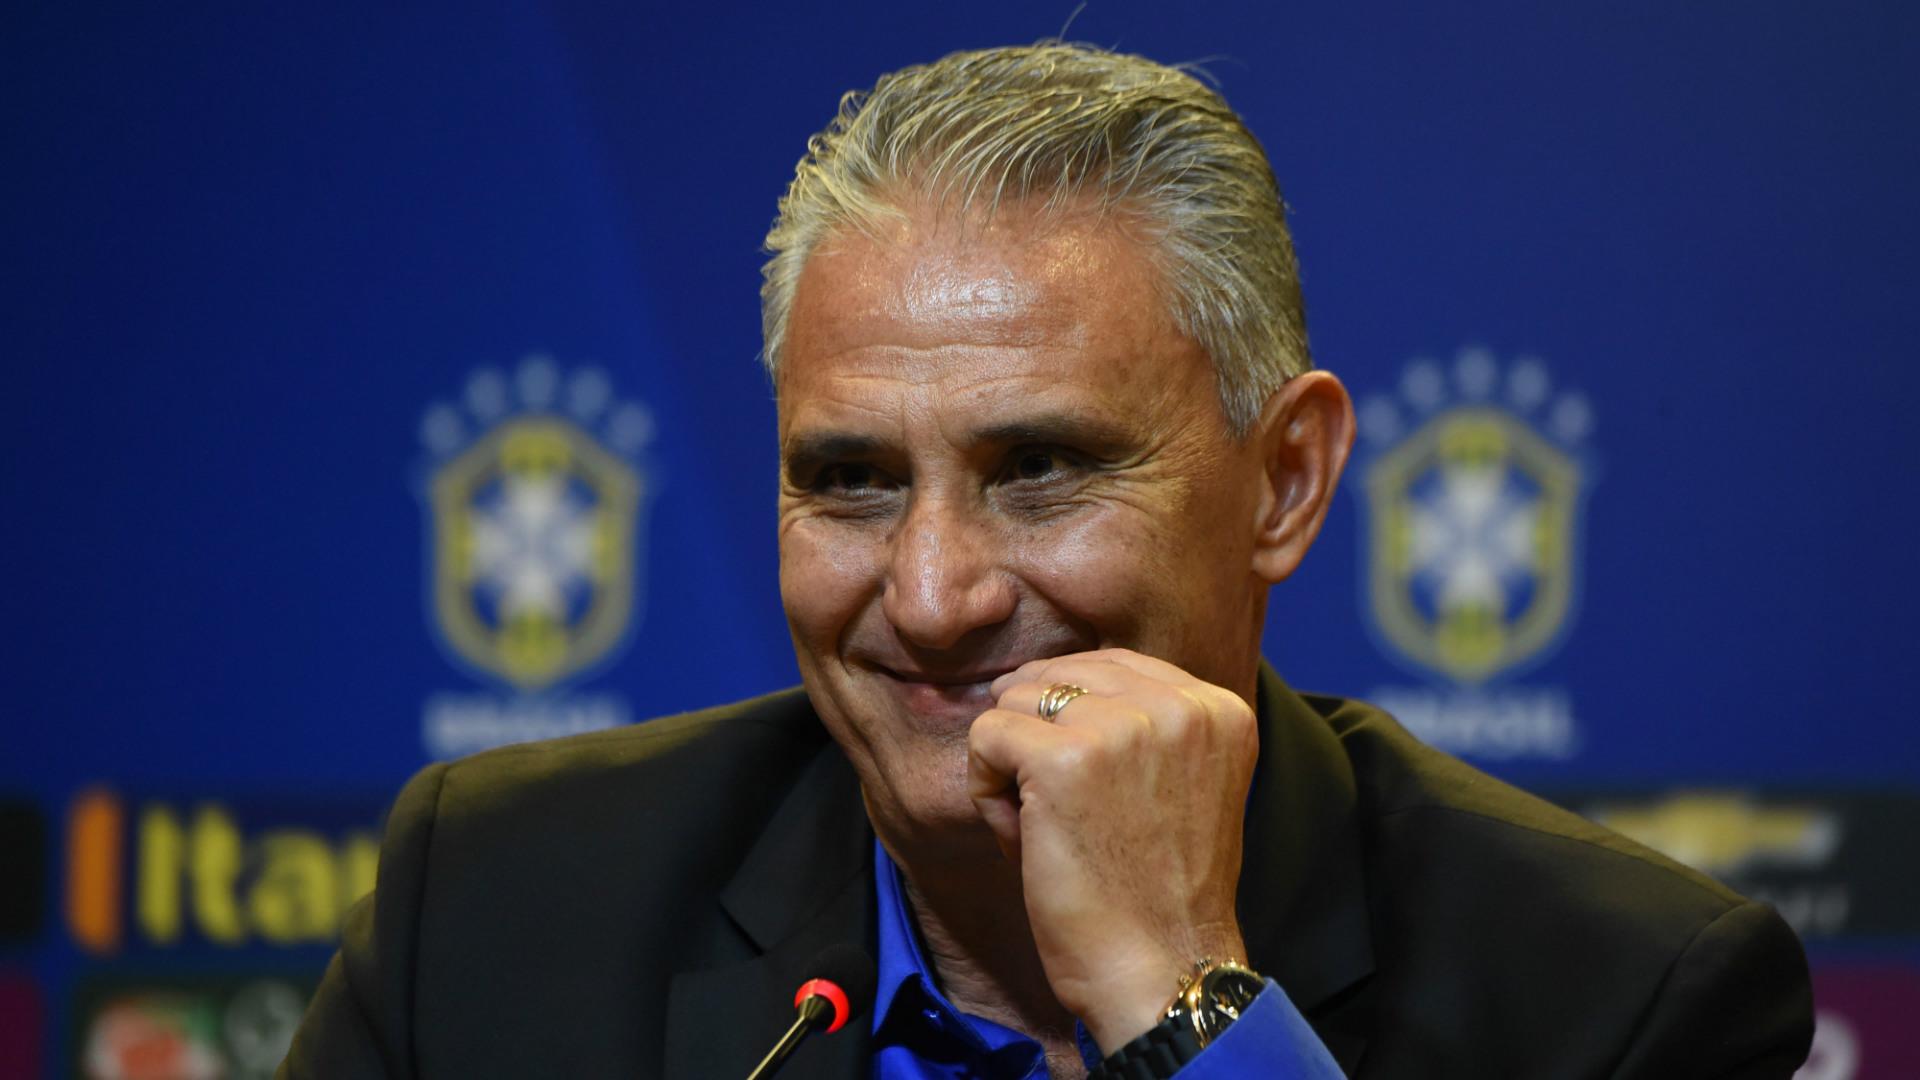 Brasil vence Rússia por 3 a 0 em amistoso